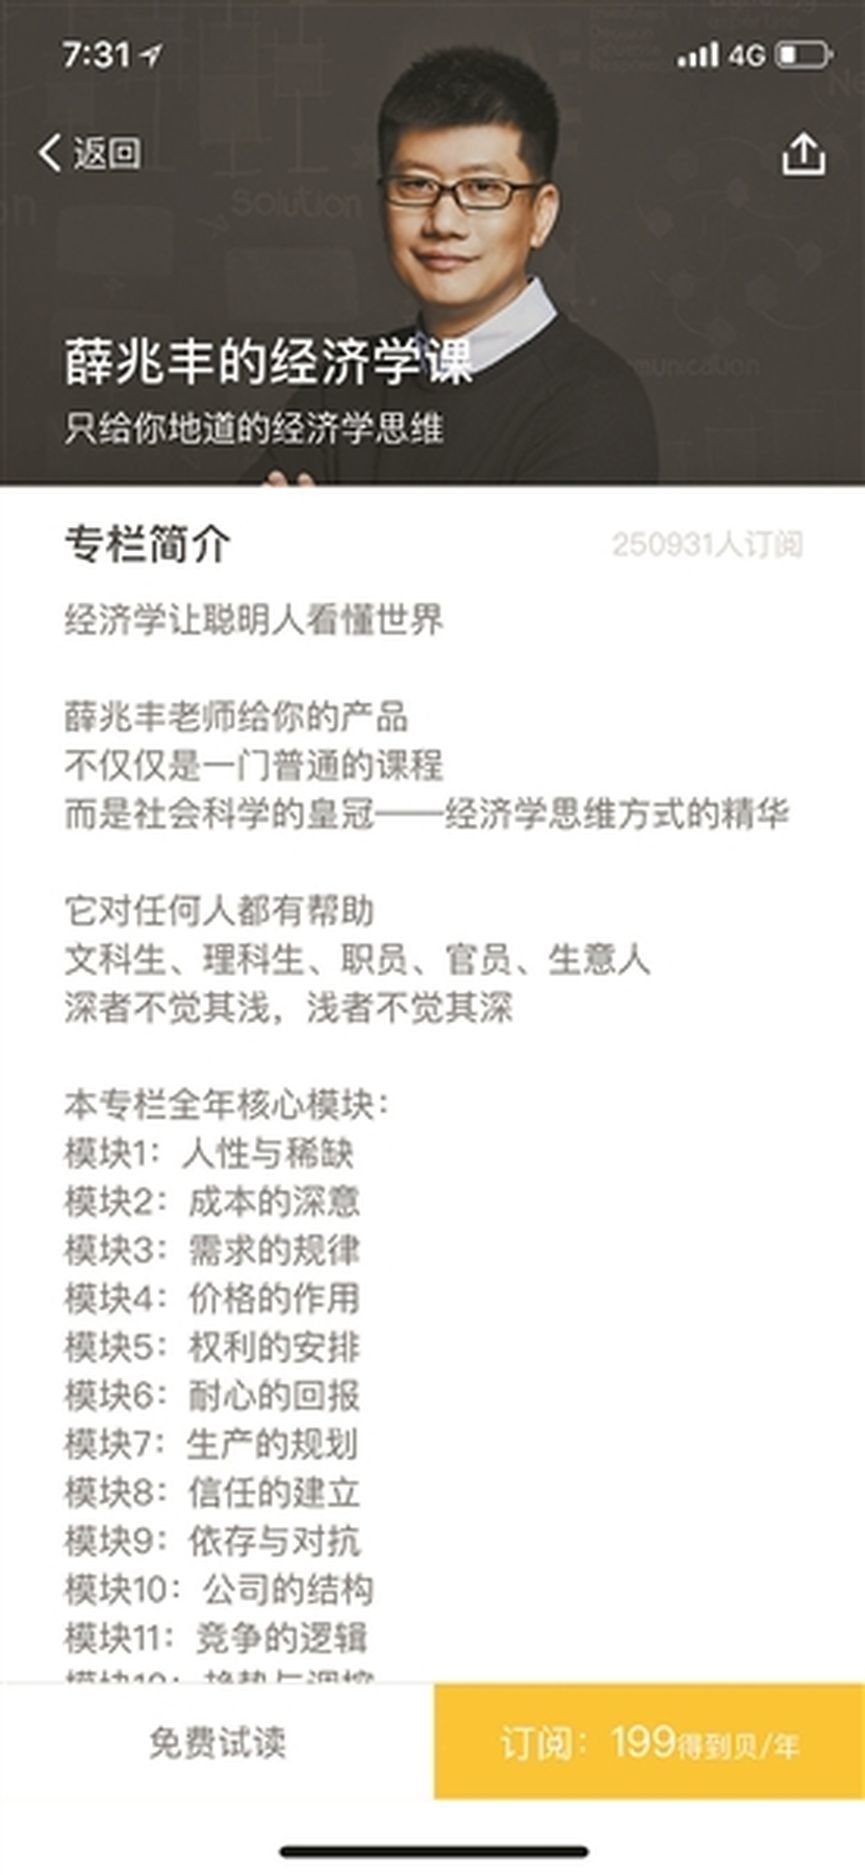 北大教授薛兆豐是位名副其實的「明星教授」,他因在知識付費平台的訂閱戶超過25萬、...